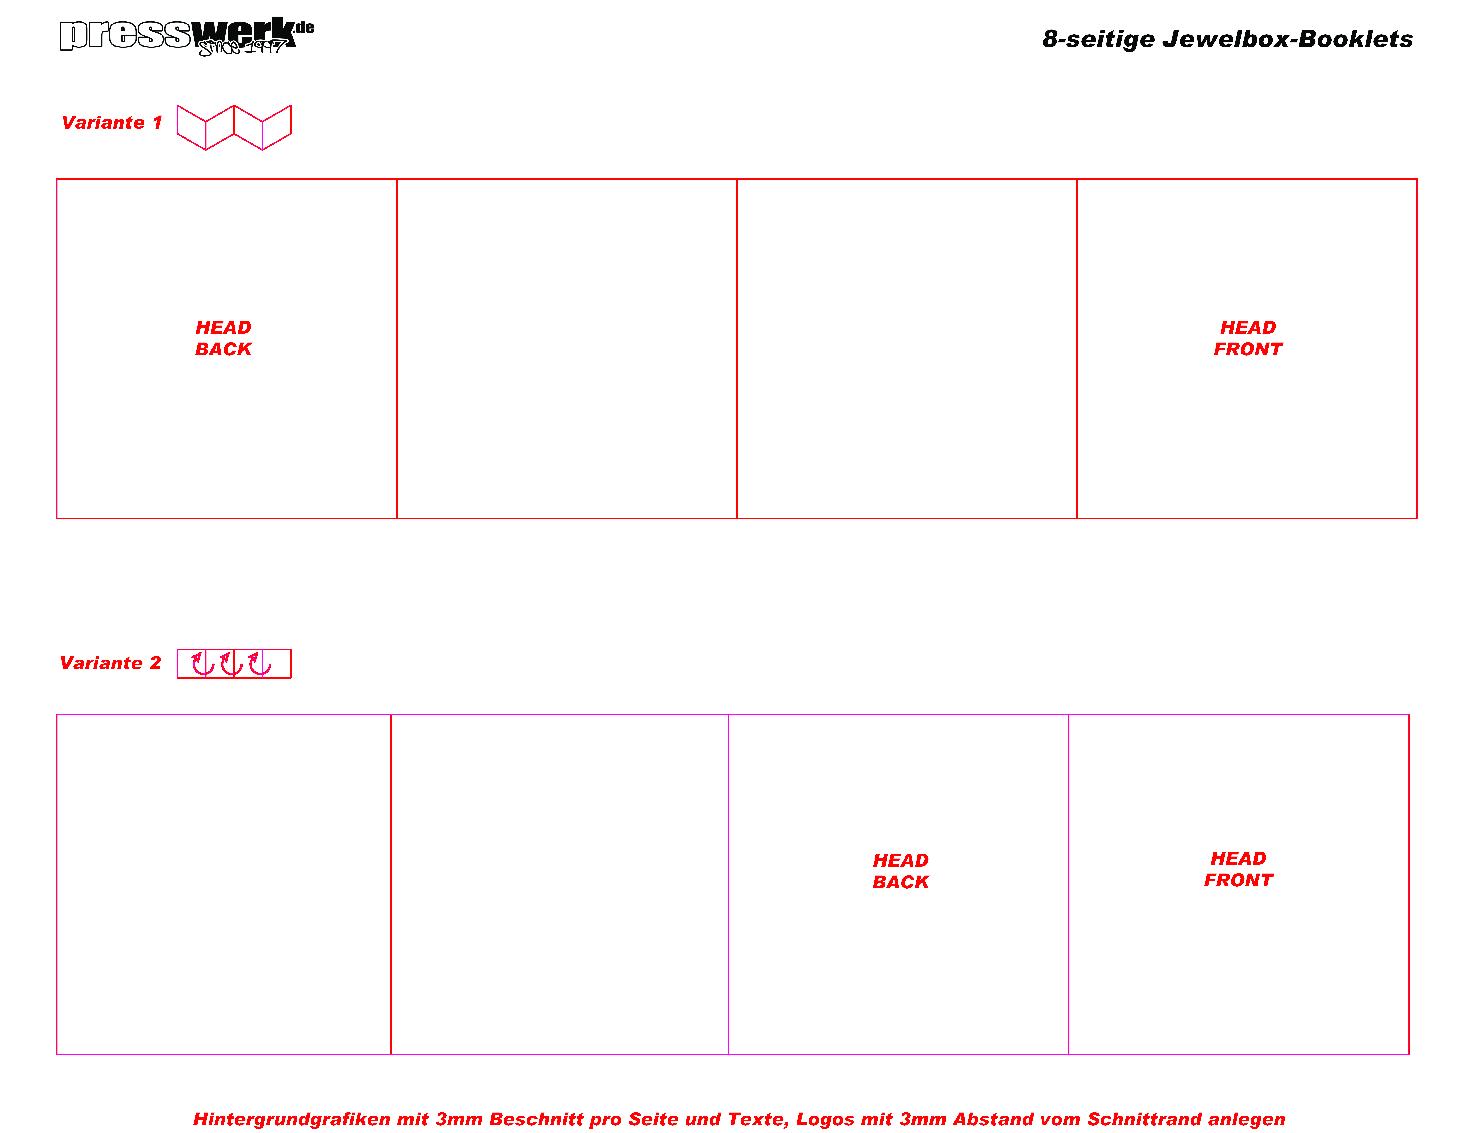 presswerk_de-CD_JB-WickelfalzBooklet_8s_template_300dpi_CMYK.pdf